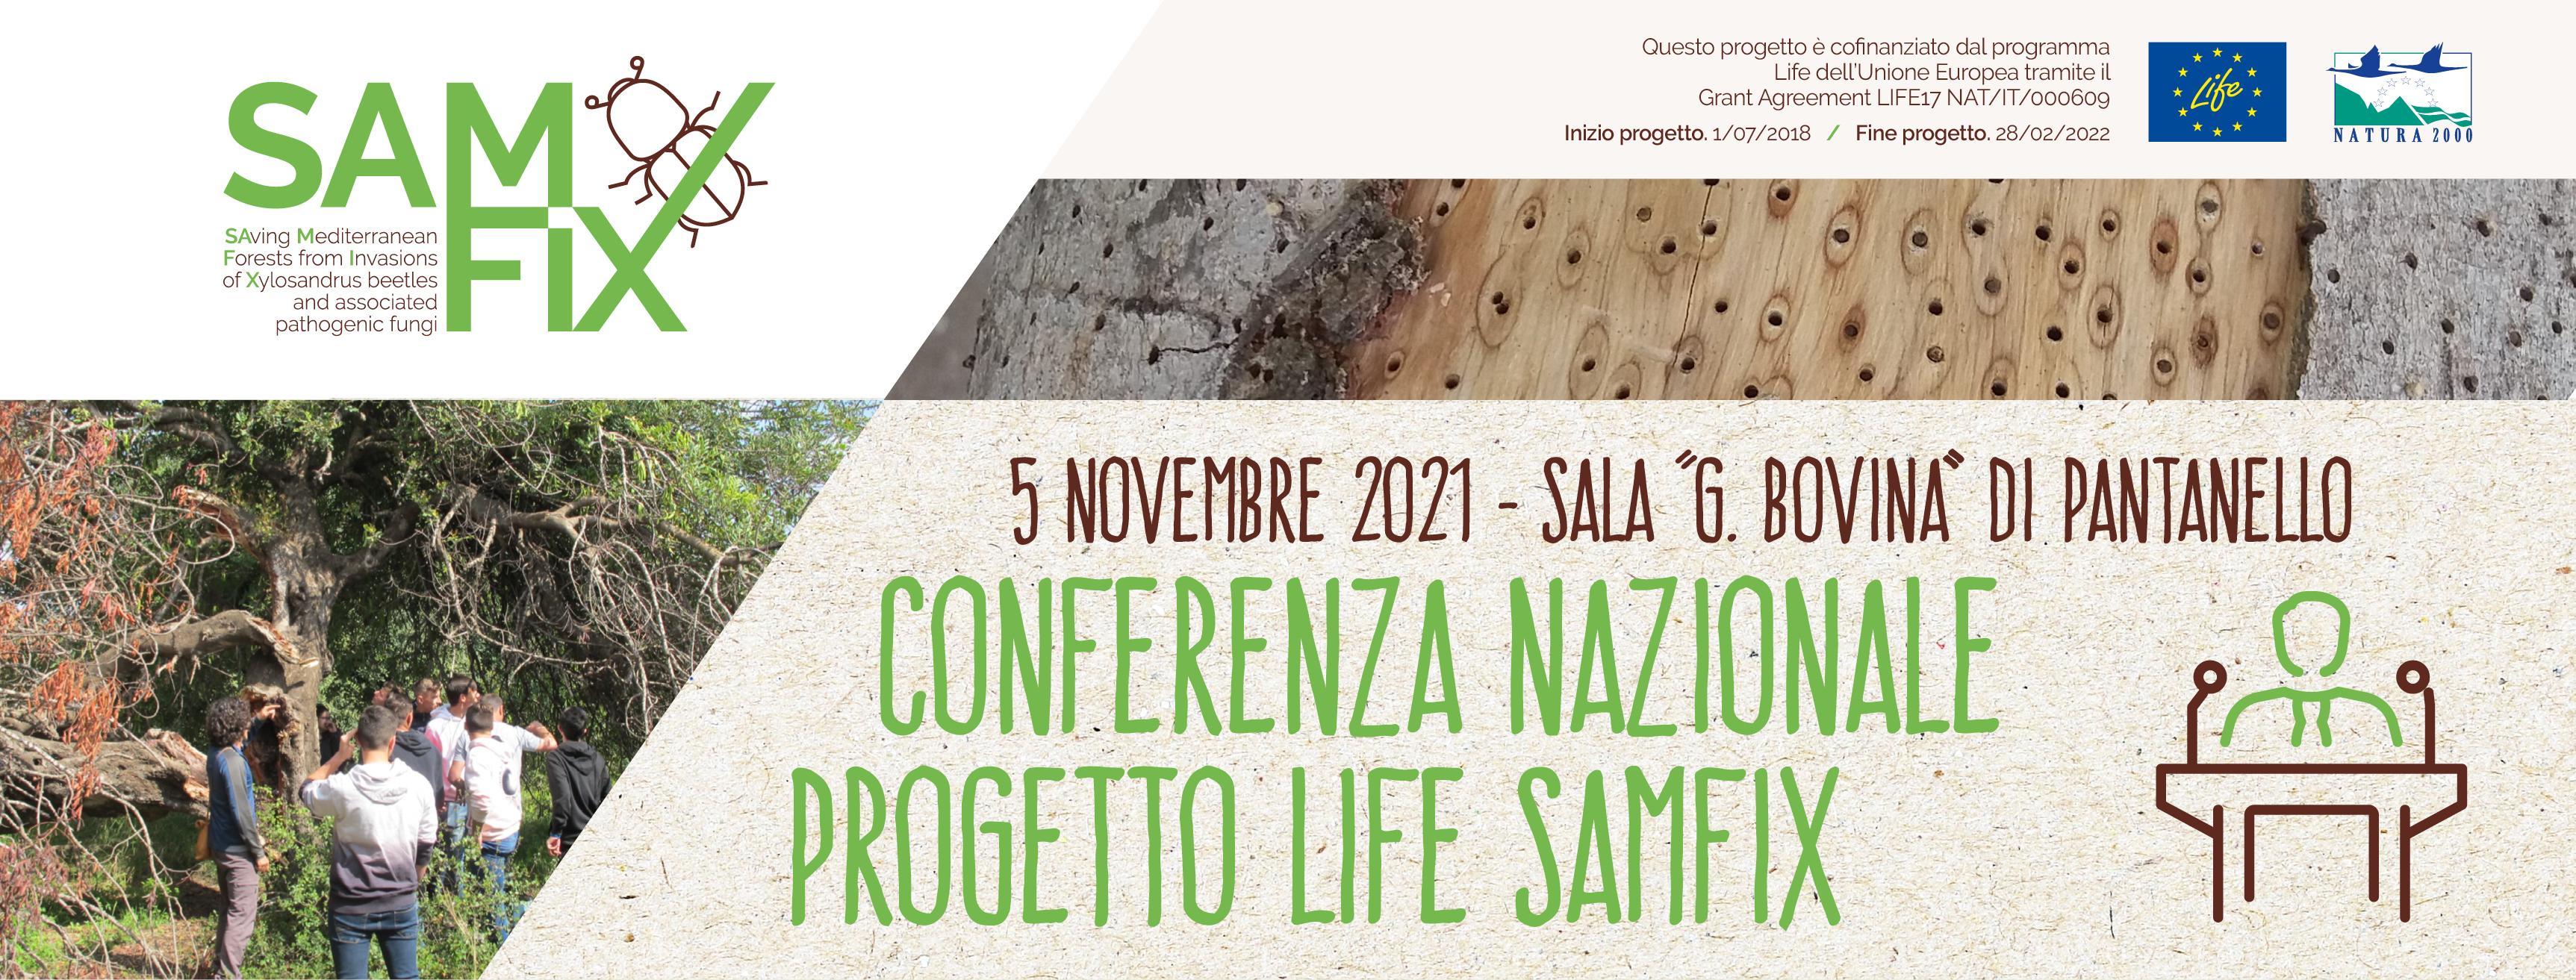 Conferenza Nazionale del progetto LIFE SAMFIX 5 novembre 2021